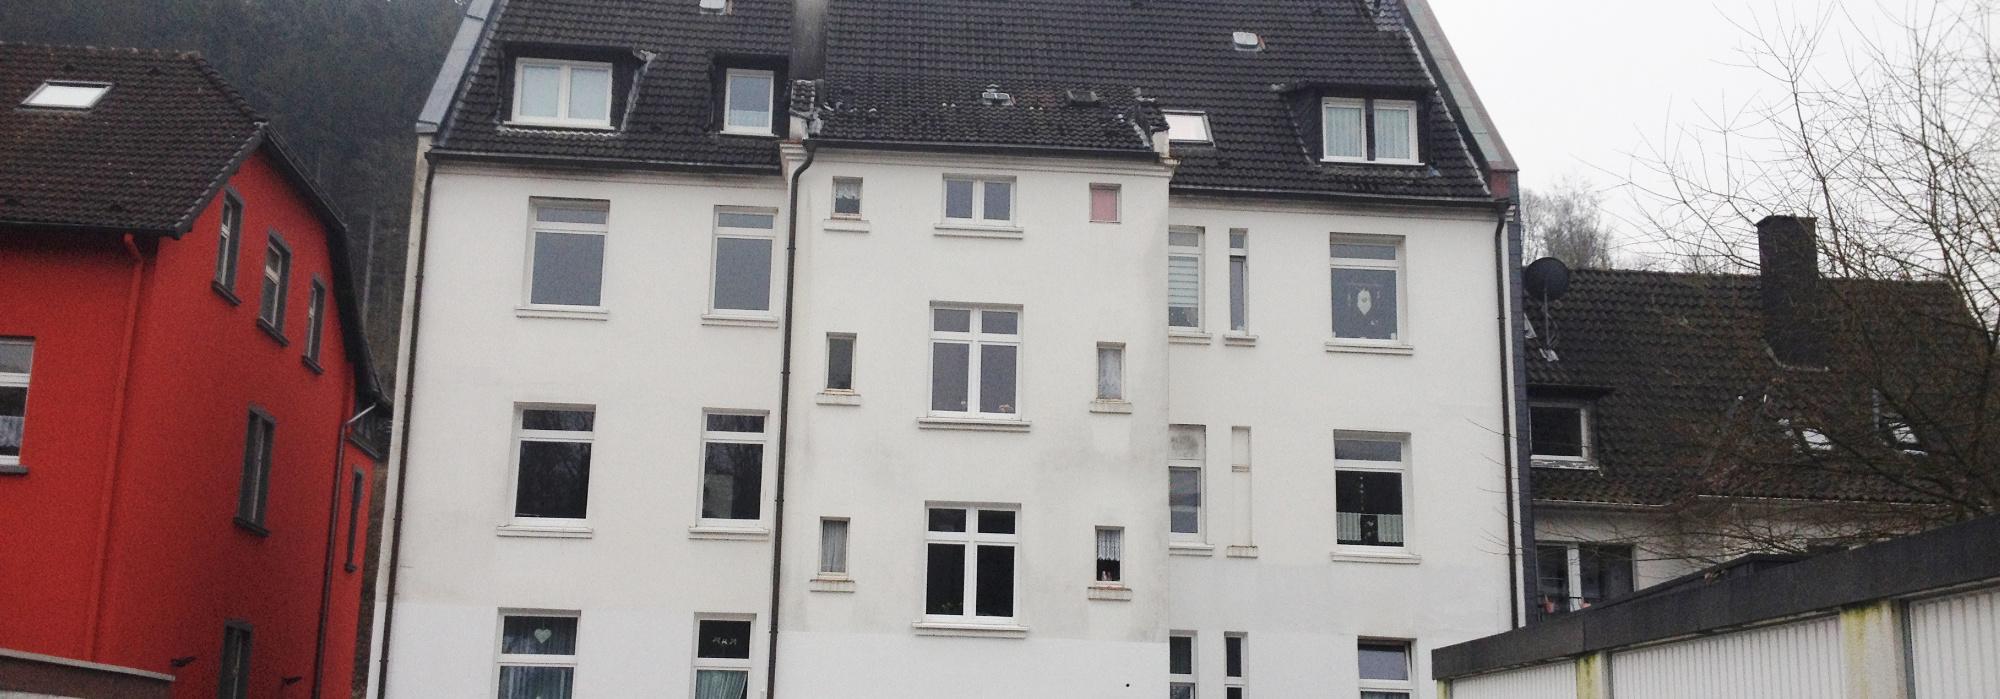 Gepflegte, gut aufgeteilte 3 Zimmer Wohnung in Rummenohl